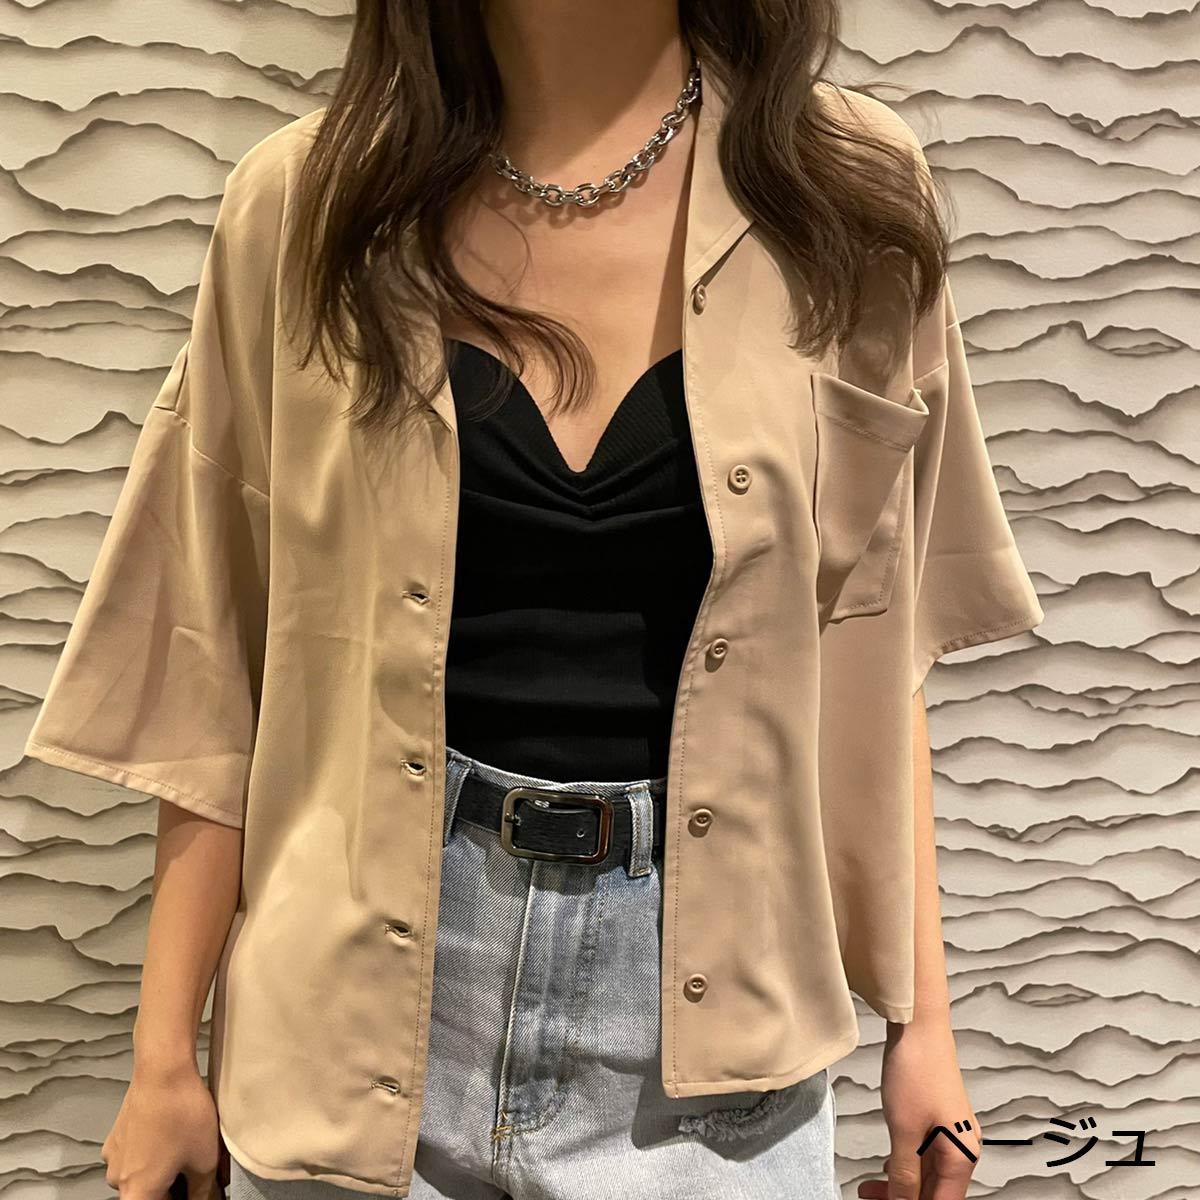 【ネコポス送料無料】アニマル柄開襟シャツ